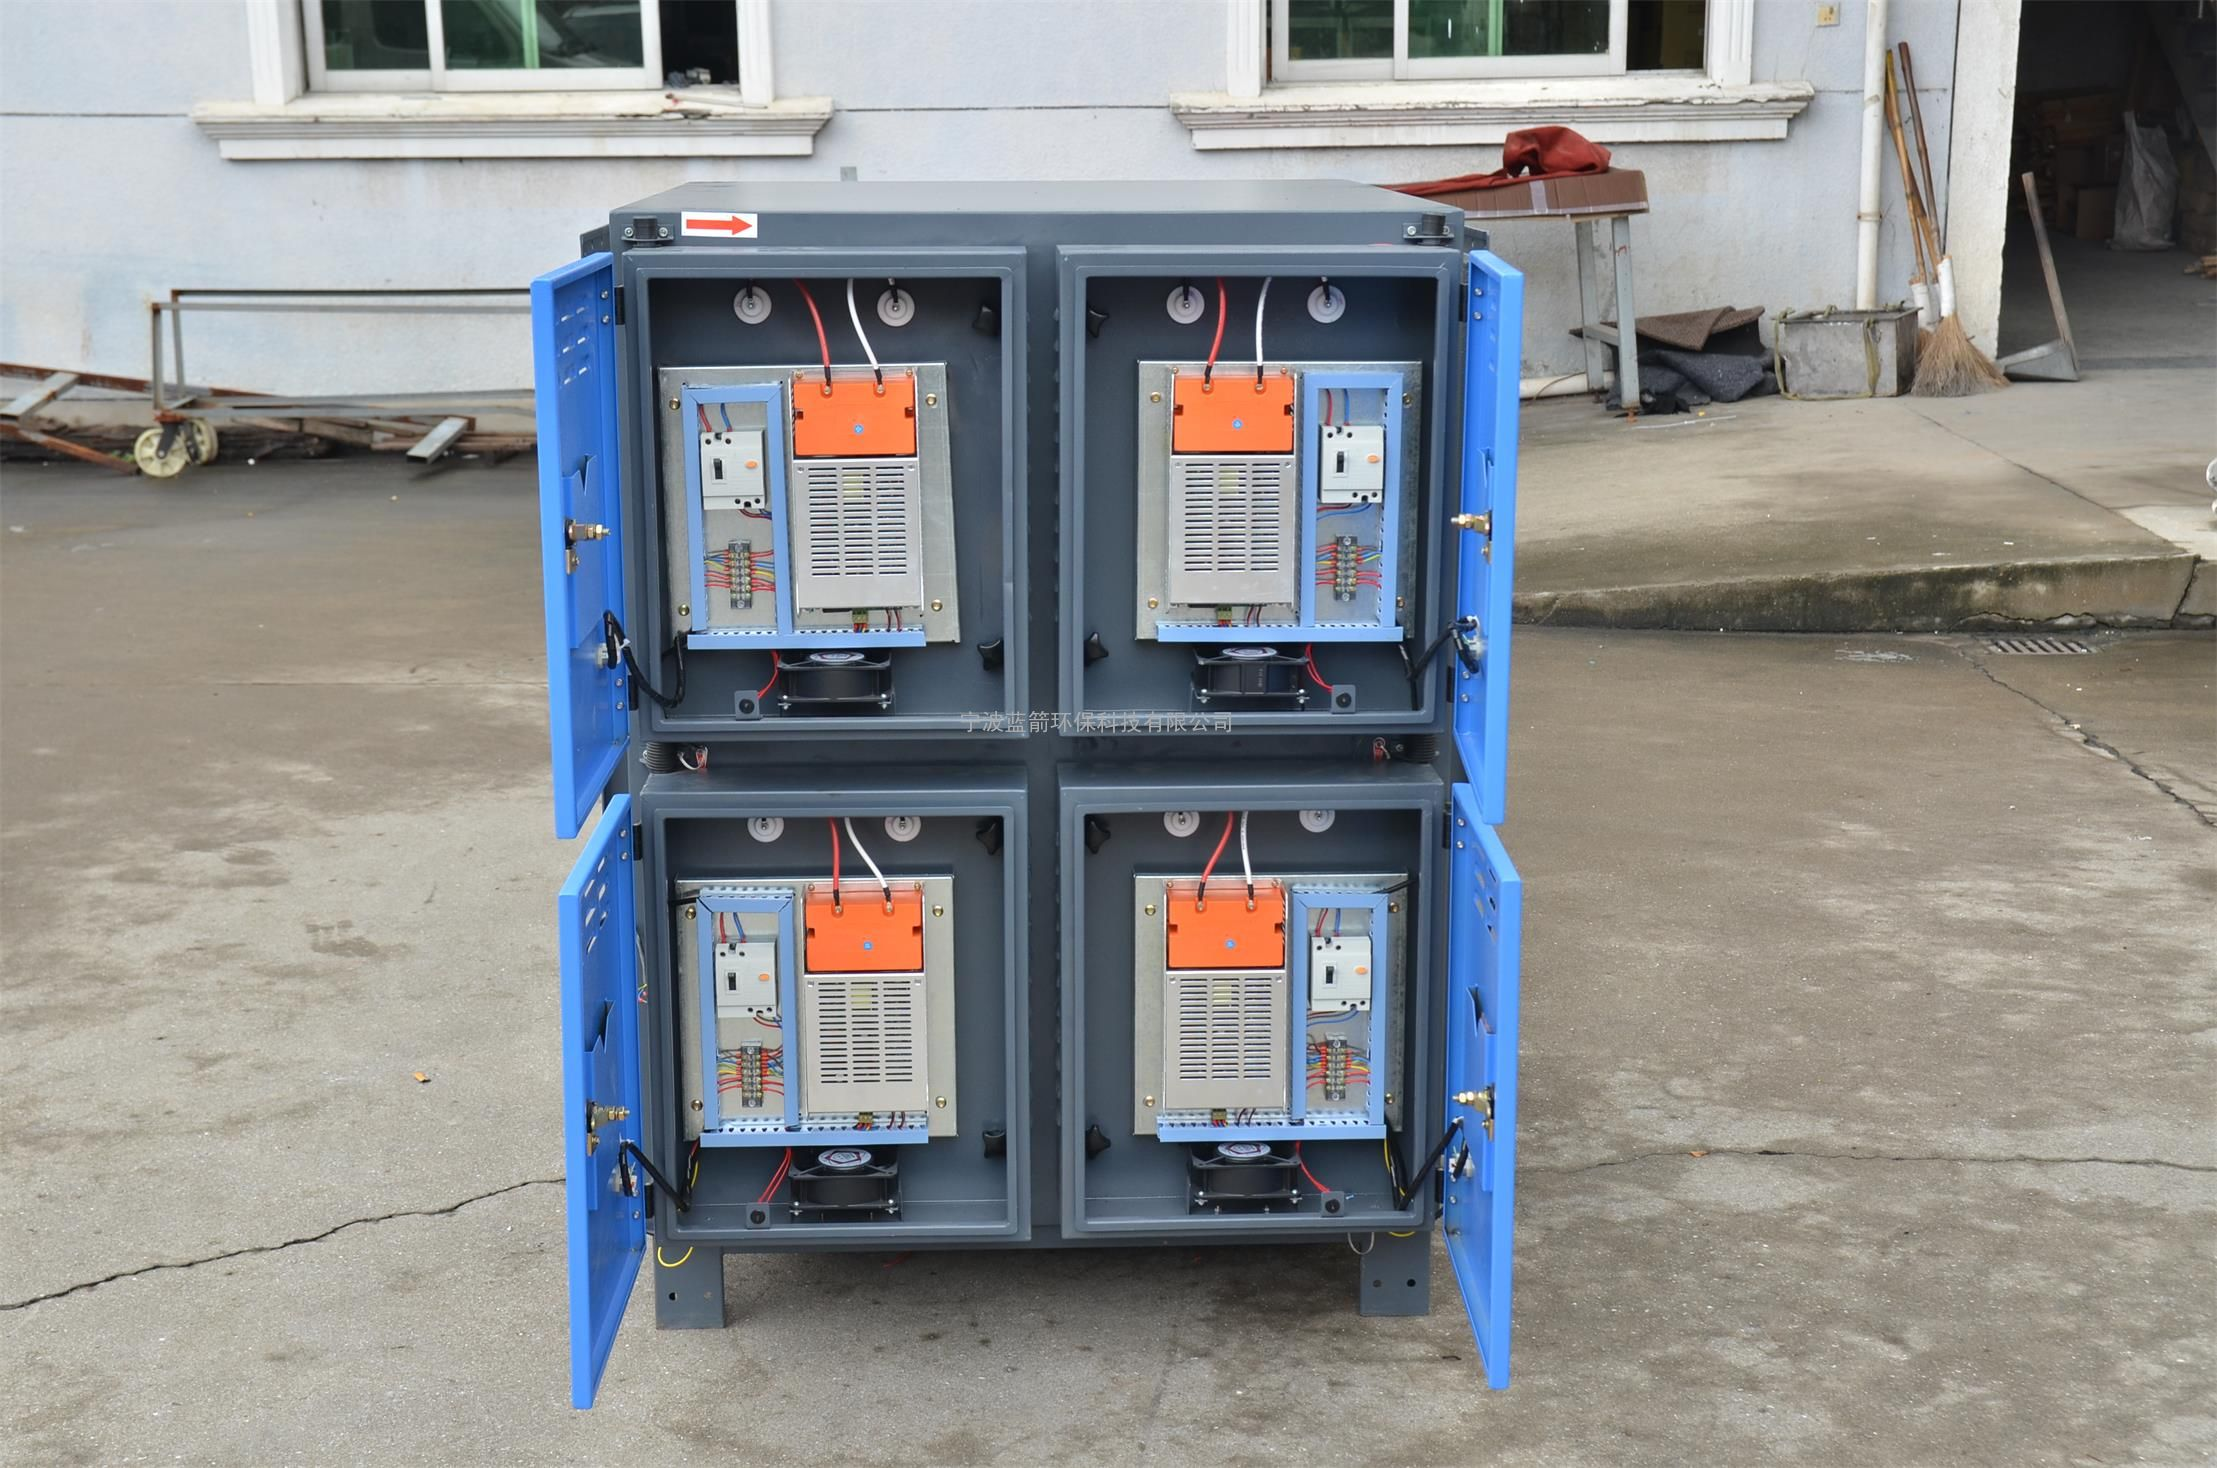 宁波玖翔牌油烟净化器价格实惠、质量保证